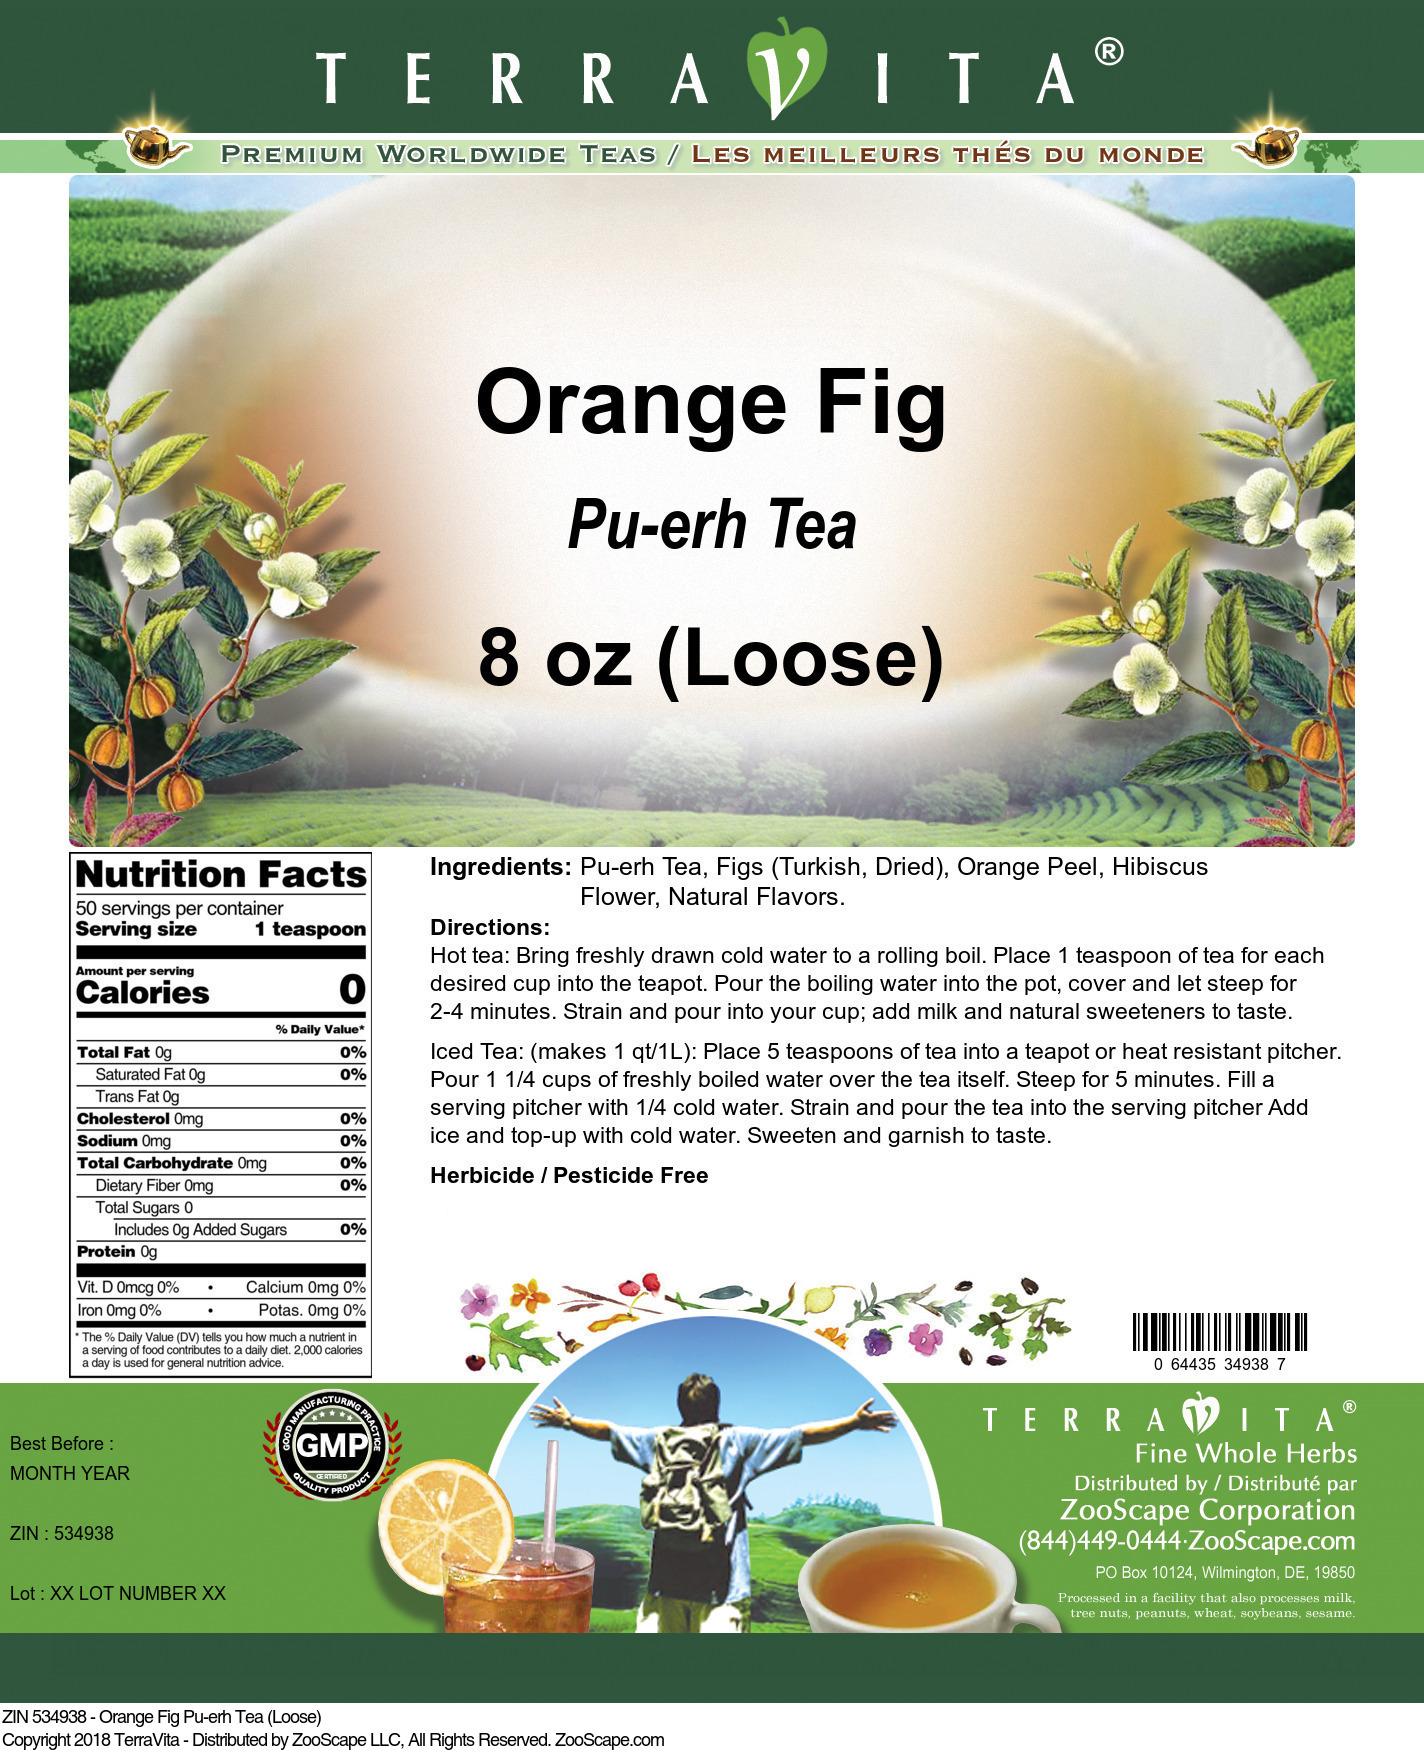 Orange Fig Pu-erh Tea (Loose)